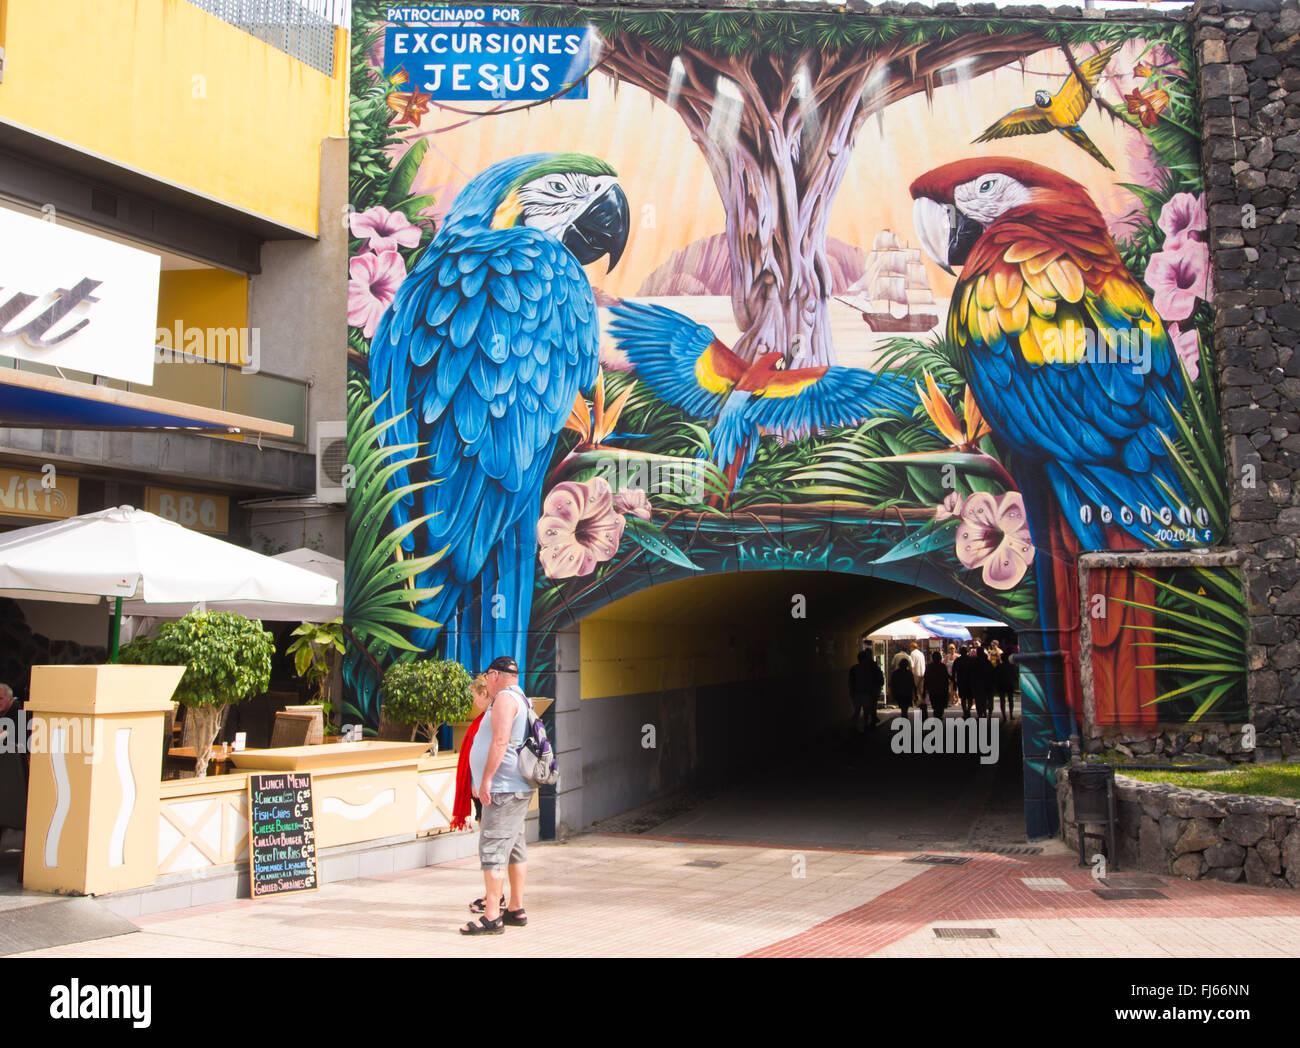 Bunte gesponserten Wandbild auf eine Fußgängerunterführung Strand Las Vistas in Los Christianos Teneriffa Stockbild